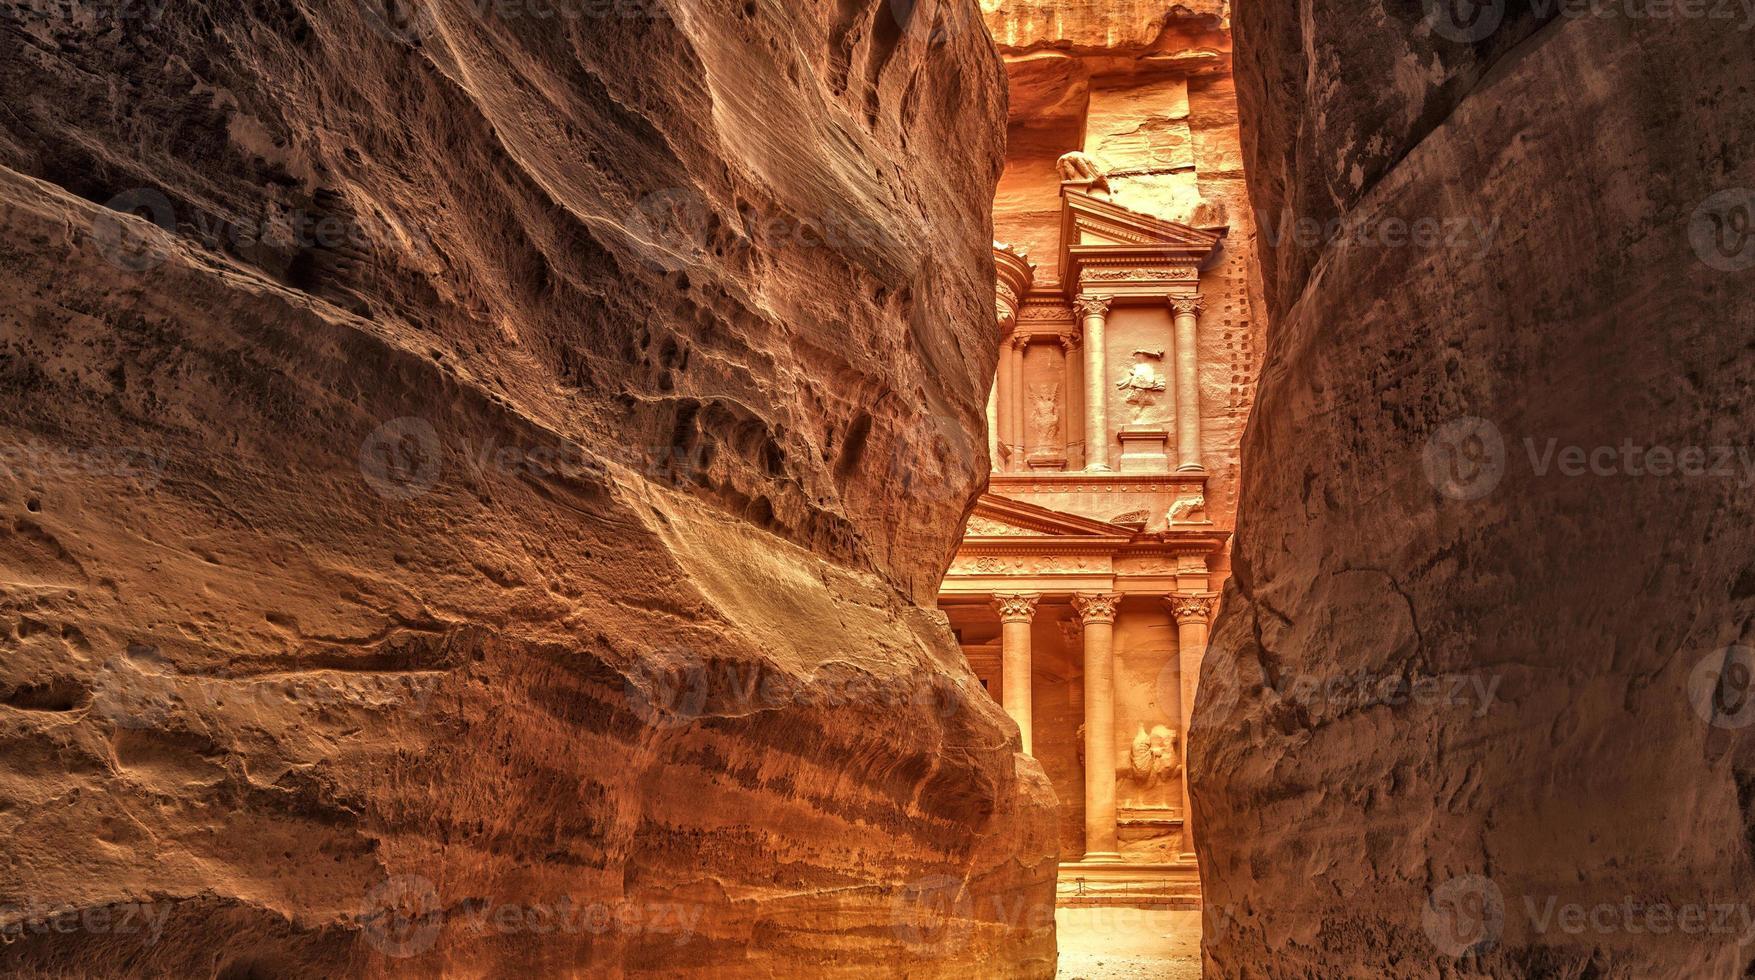 siq dans l'ancienne ville de petra, jordanie photo